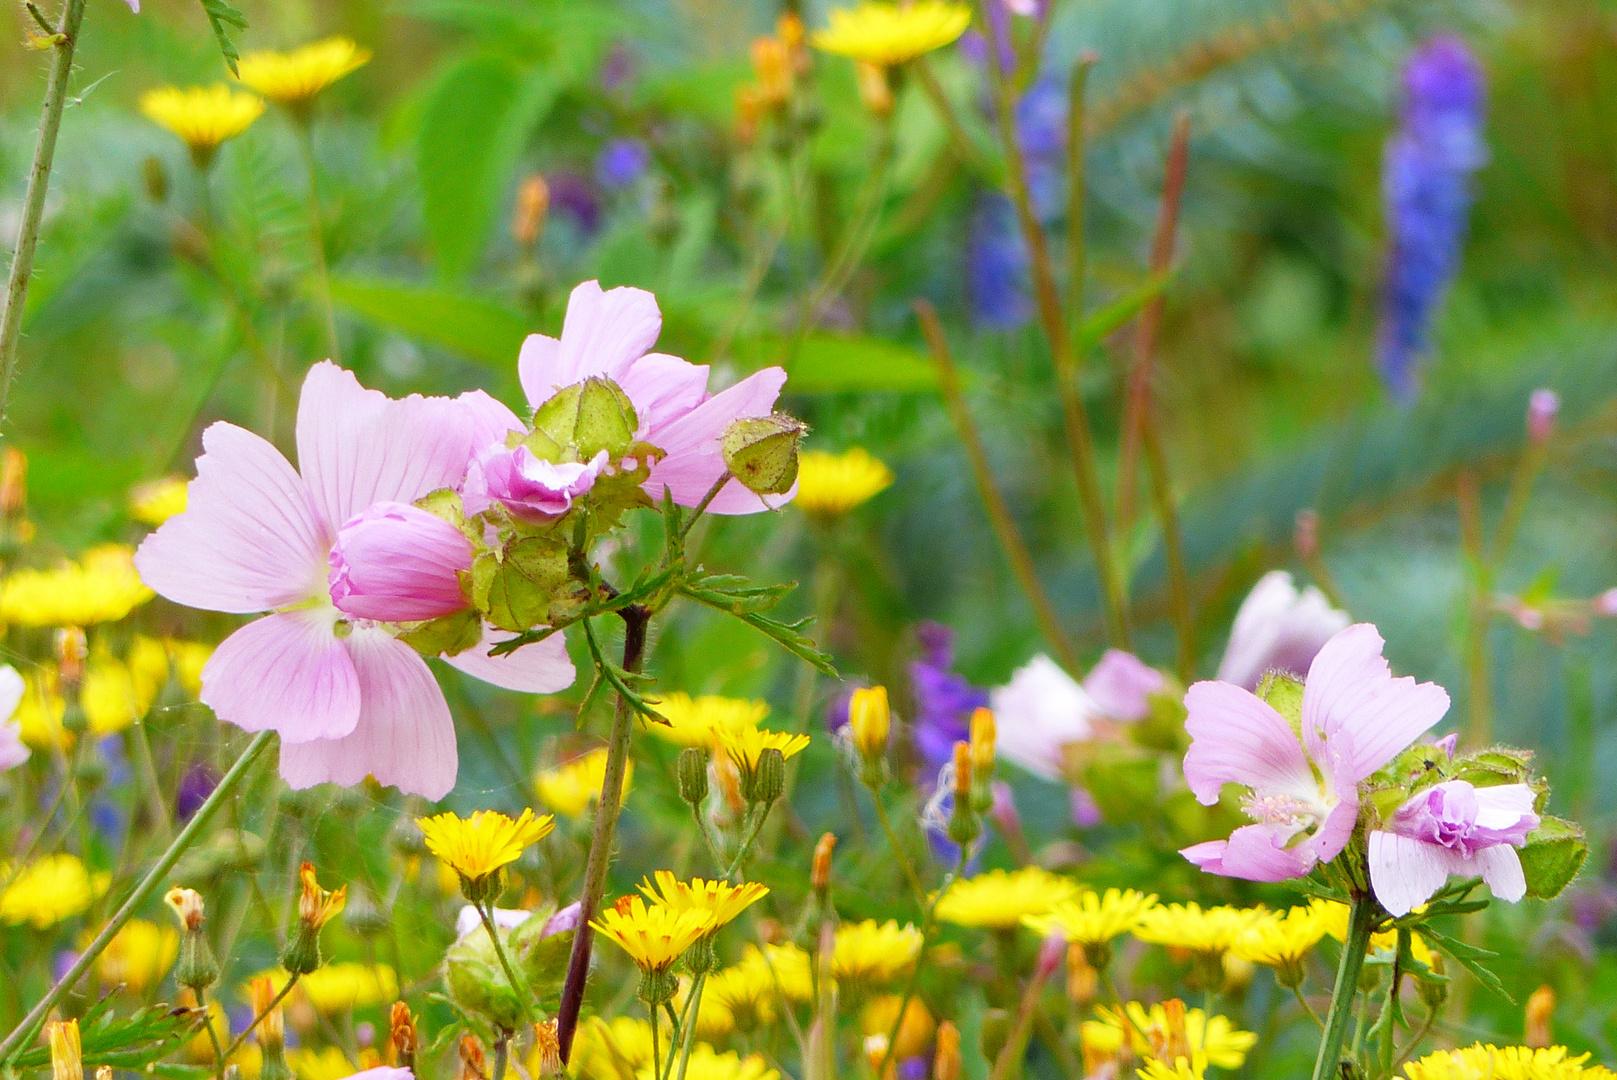 sommerblumen 2*** foto & bild | stillleben, pflanzen, pilze